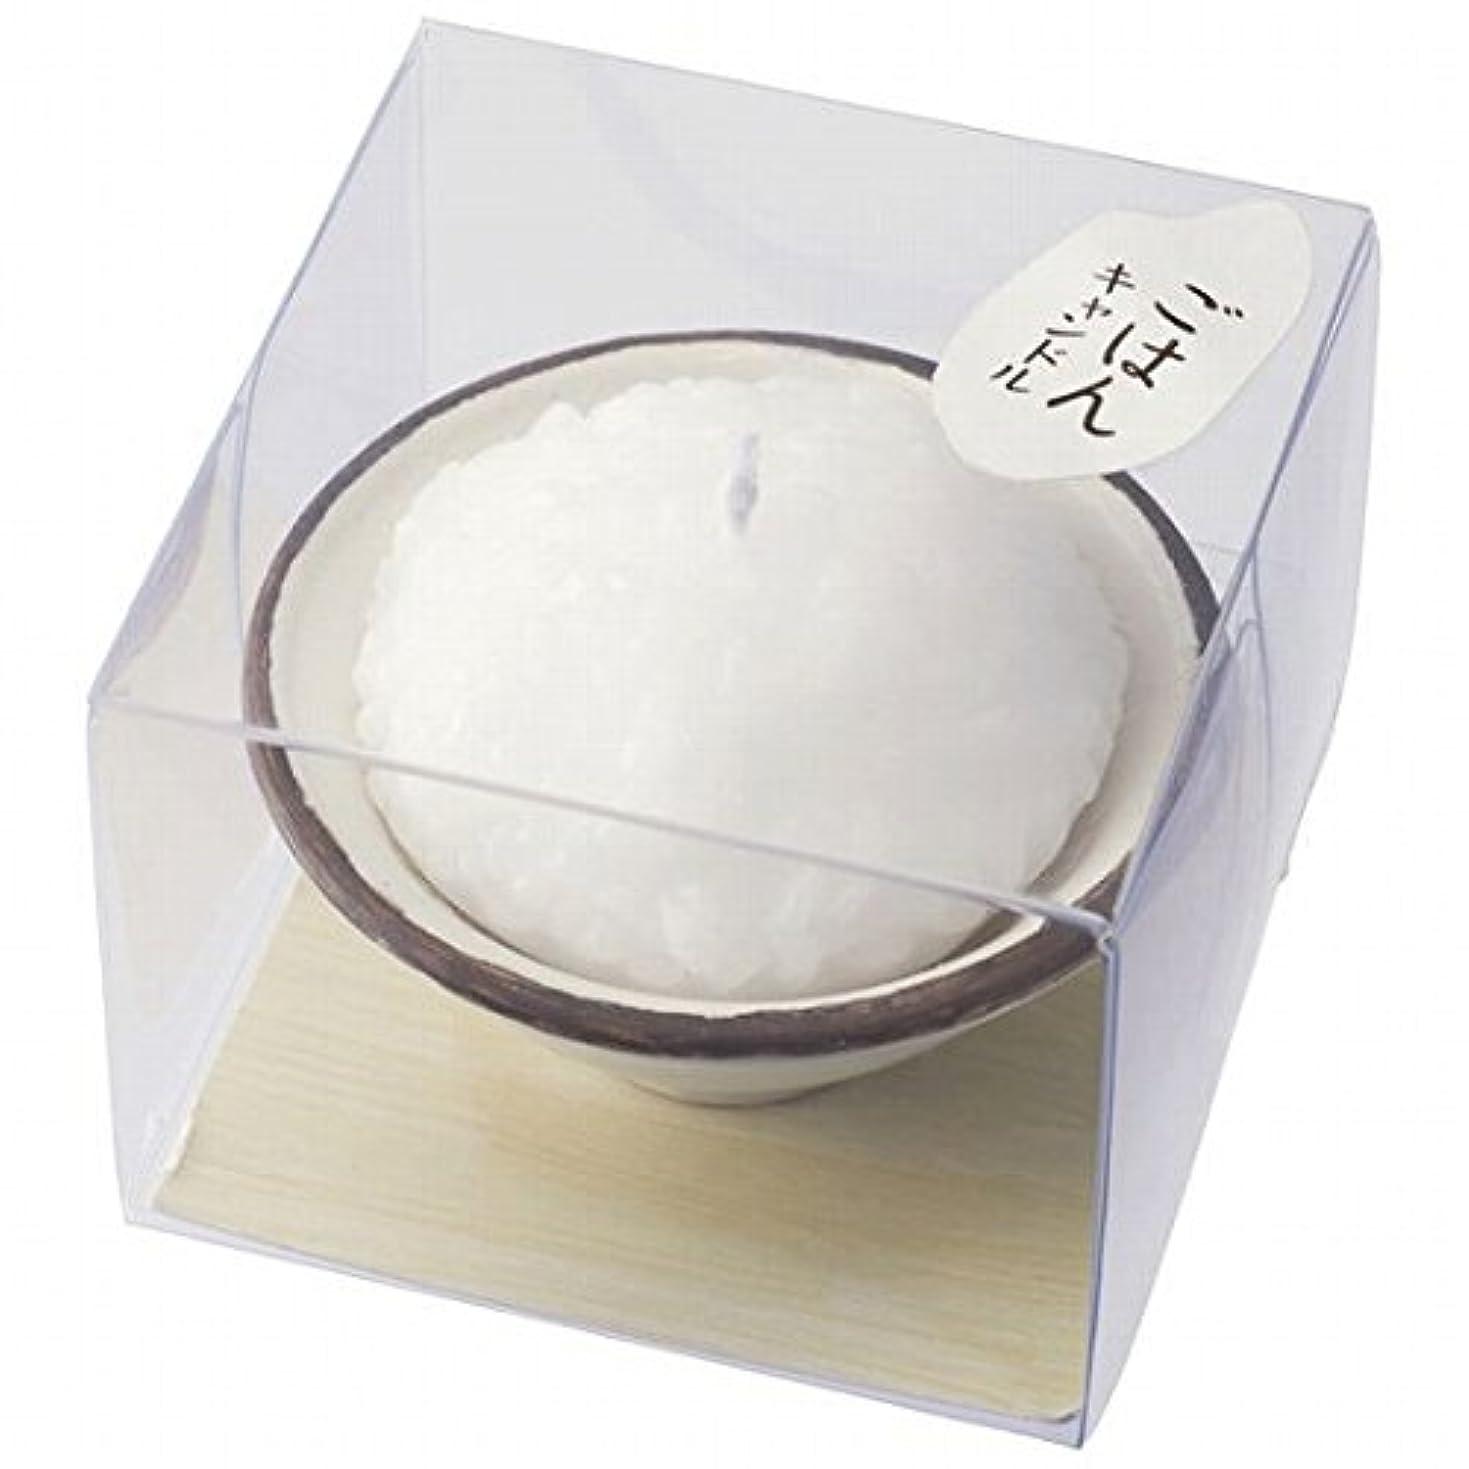 マーカー付与従順なカメヤマキャンドル(kameyama candle) ごはんキャンドル